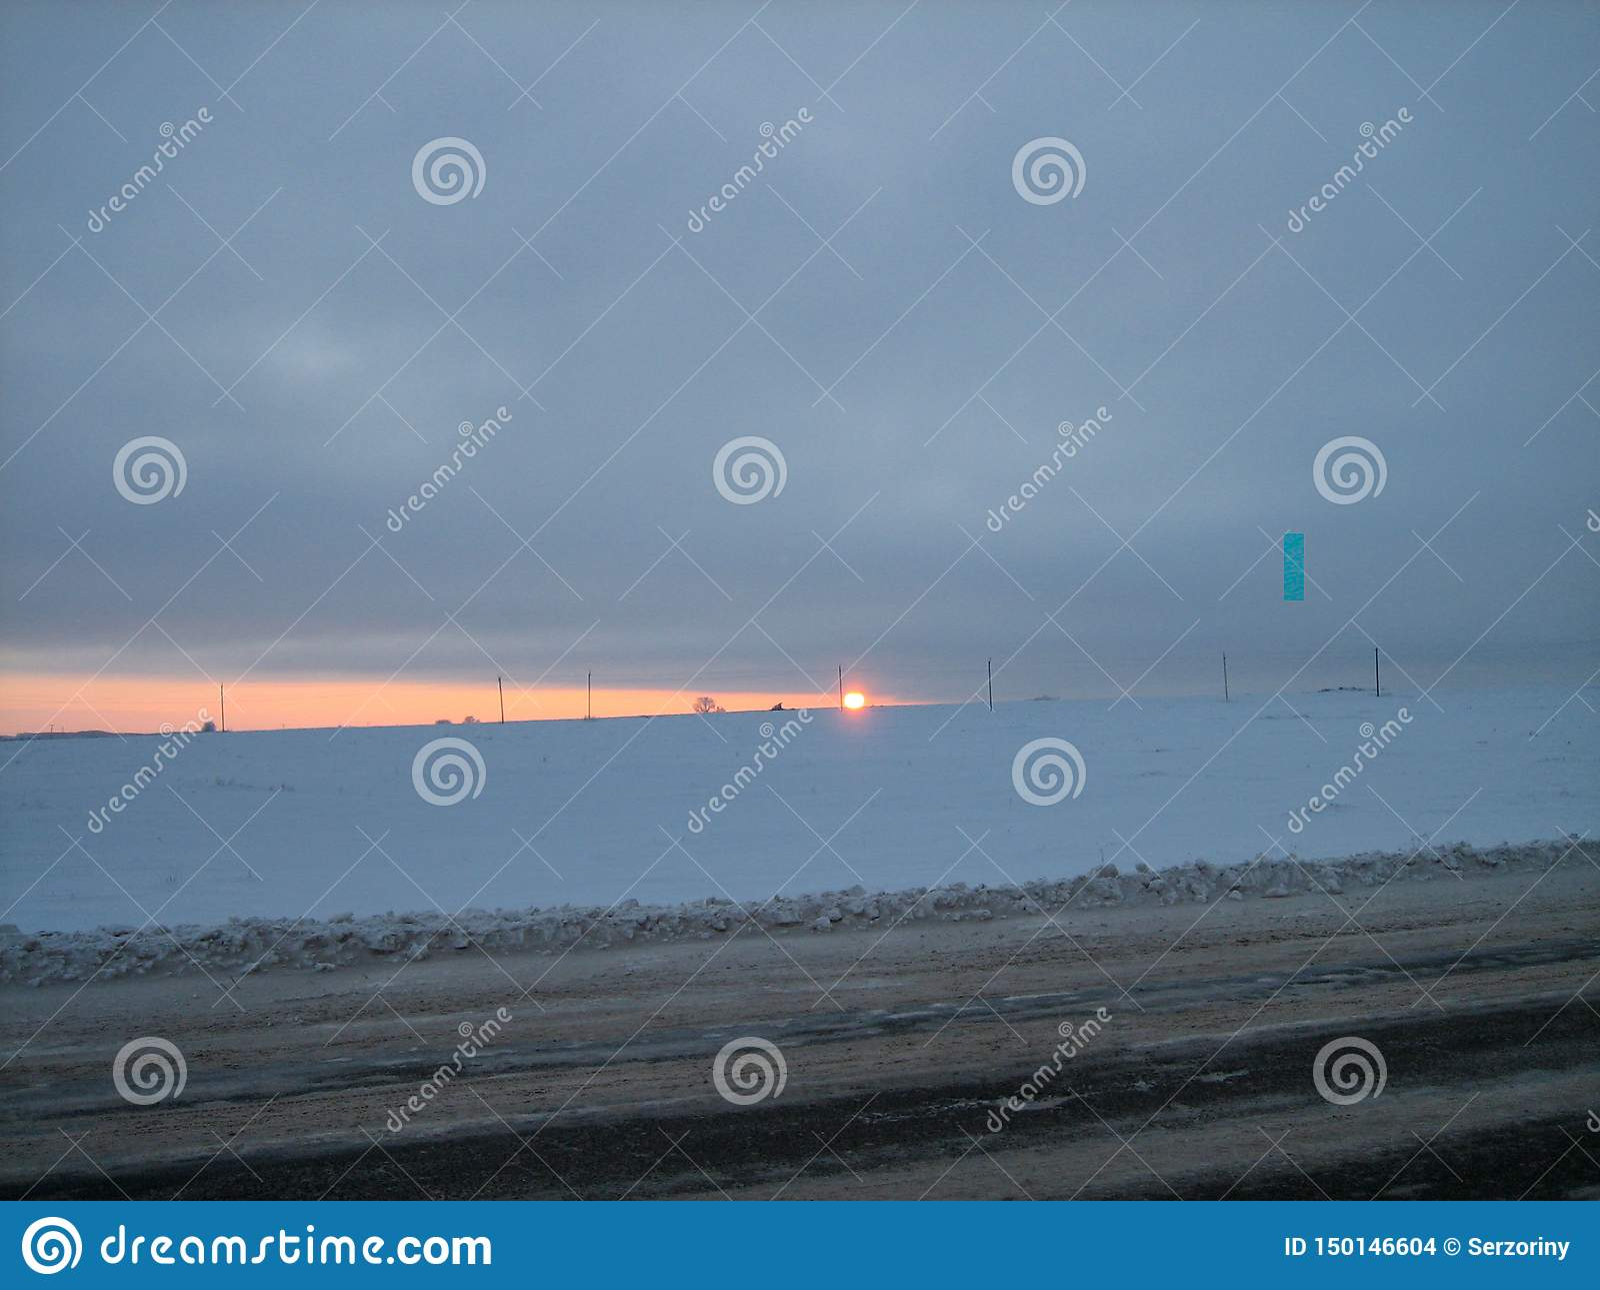 Śnieżysty pole wzdłuż drogi w zima wieczór przy zmierzchem